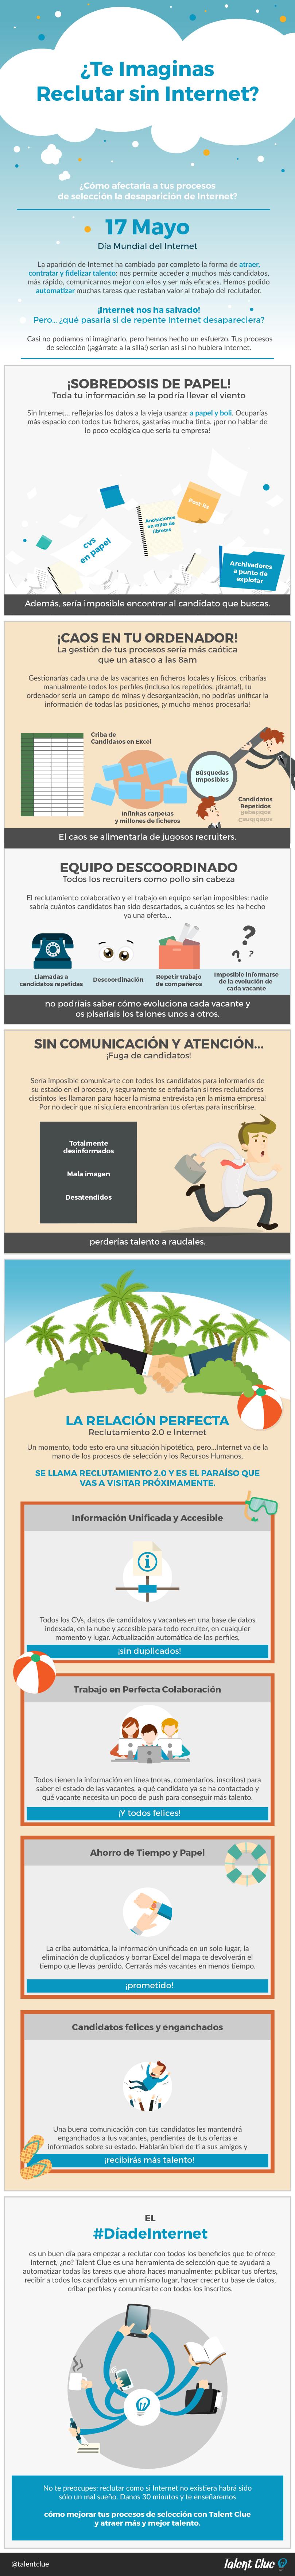 Infografia_Reclutar_Sin_Internet_Dia_de_Internet.png